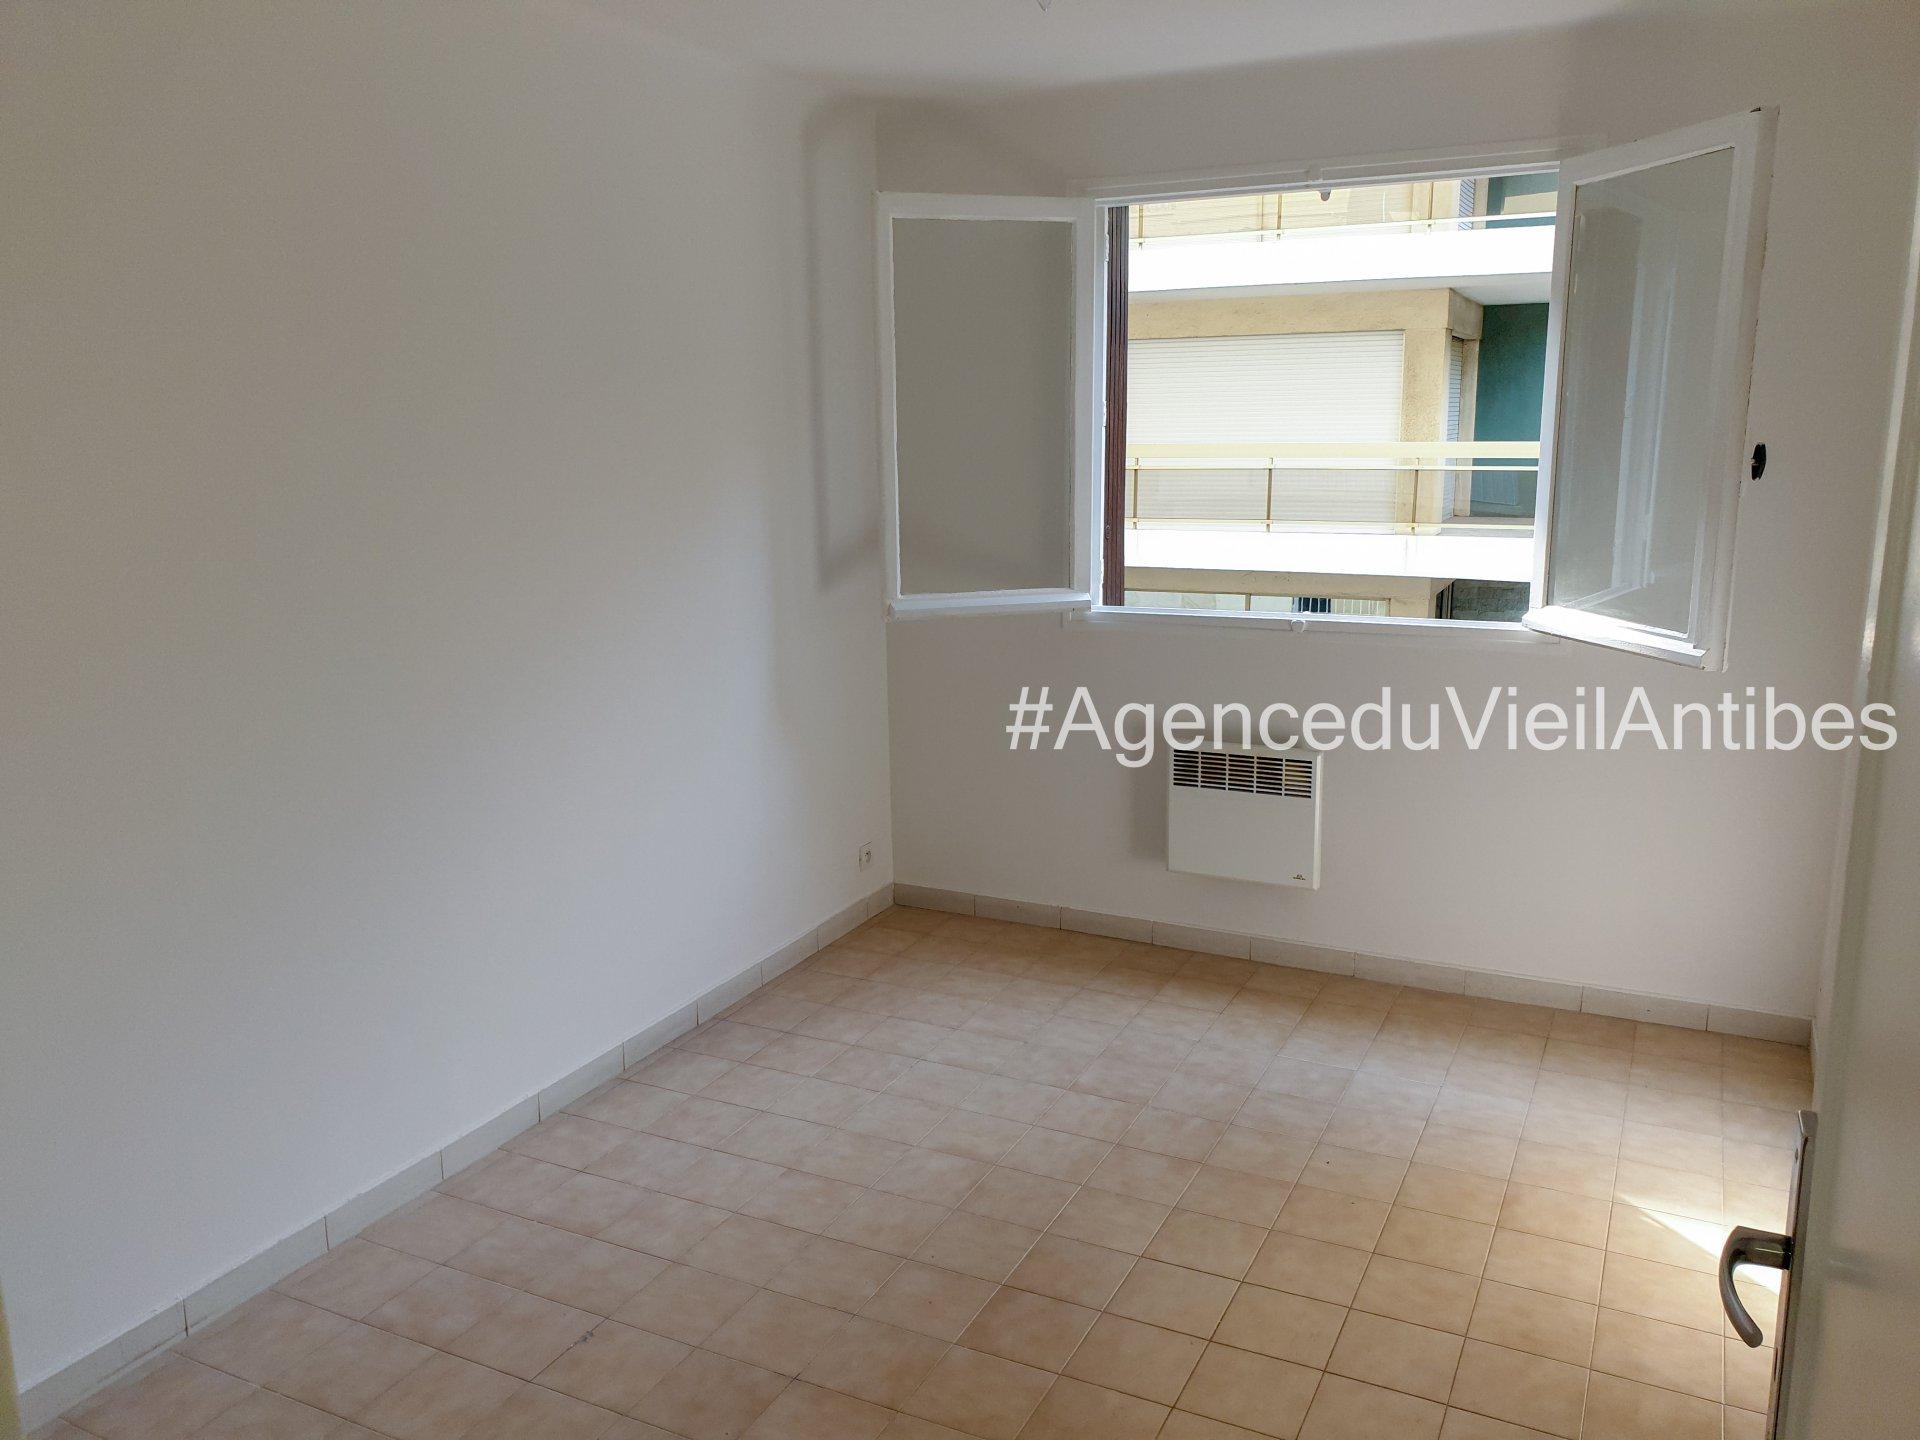 Antibes - 3pièces de 60.97 m² + Balcon 7 m²